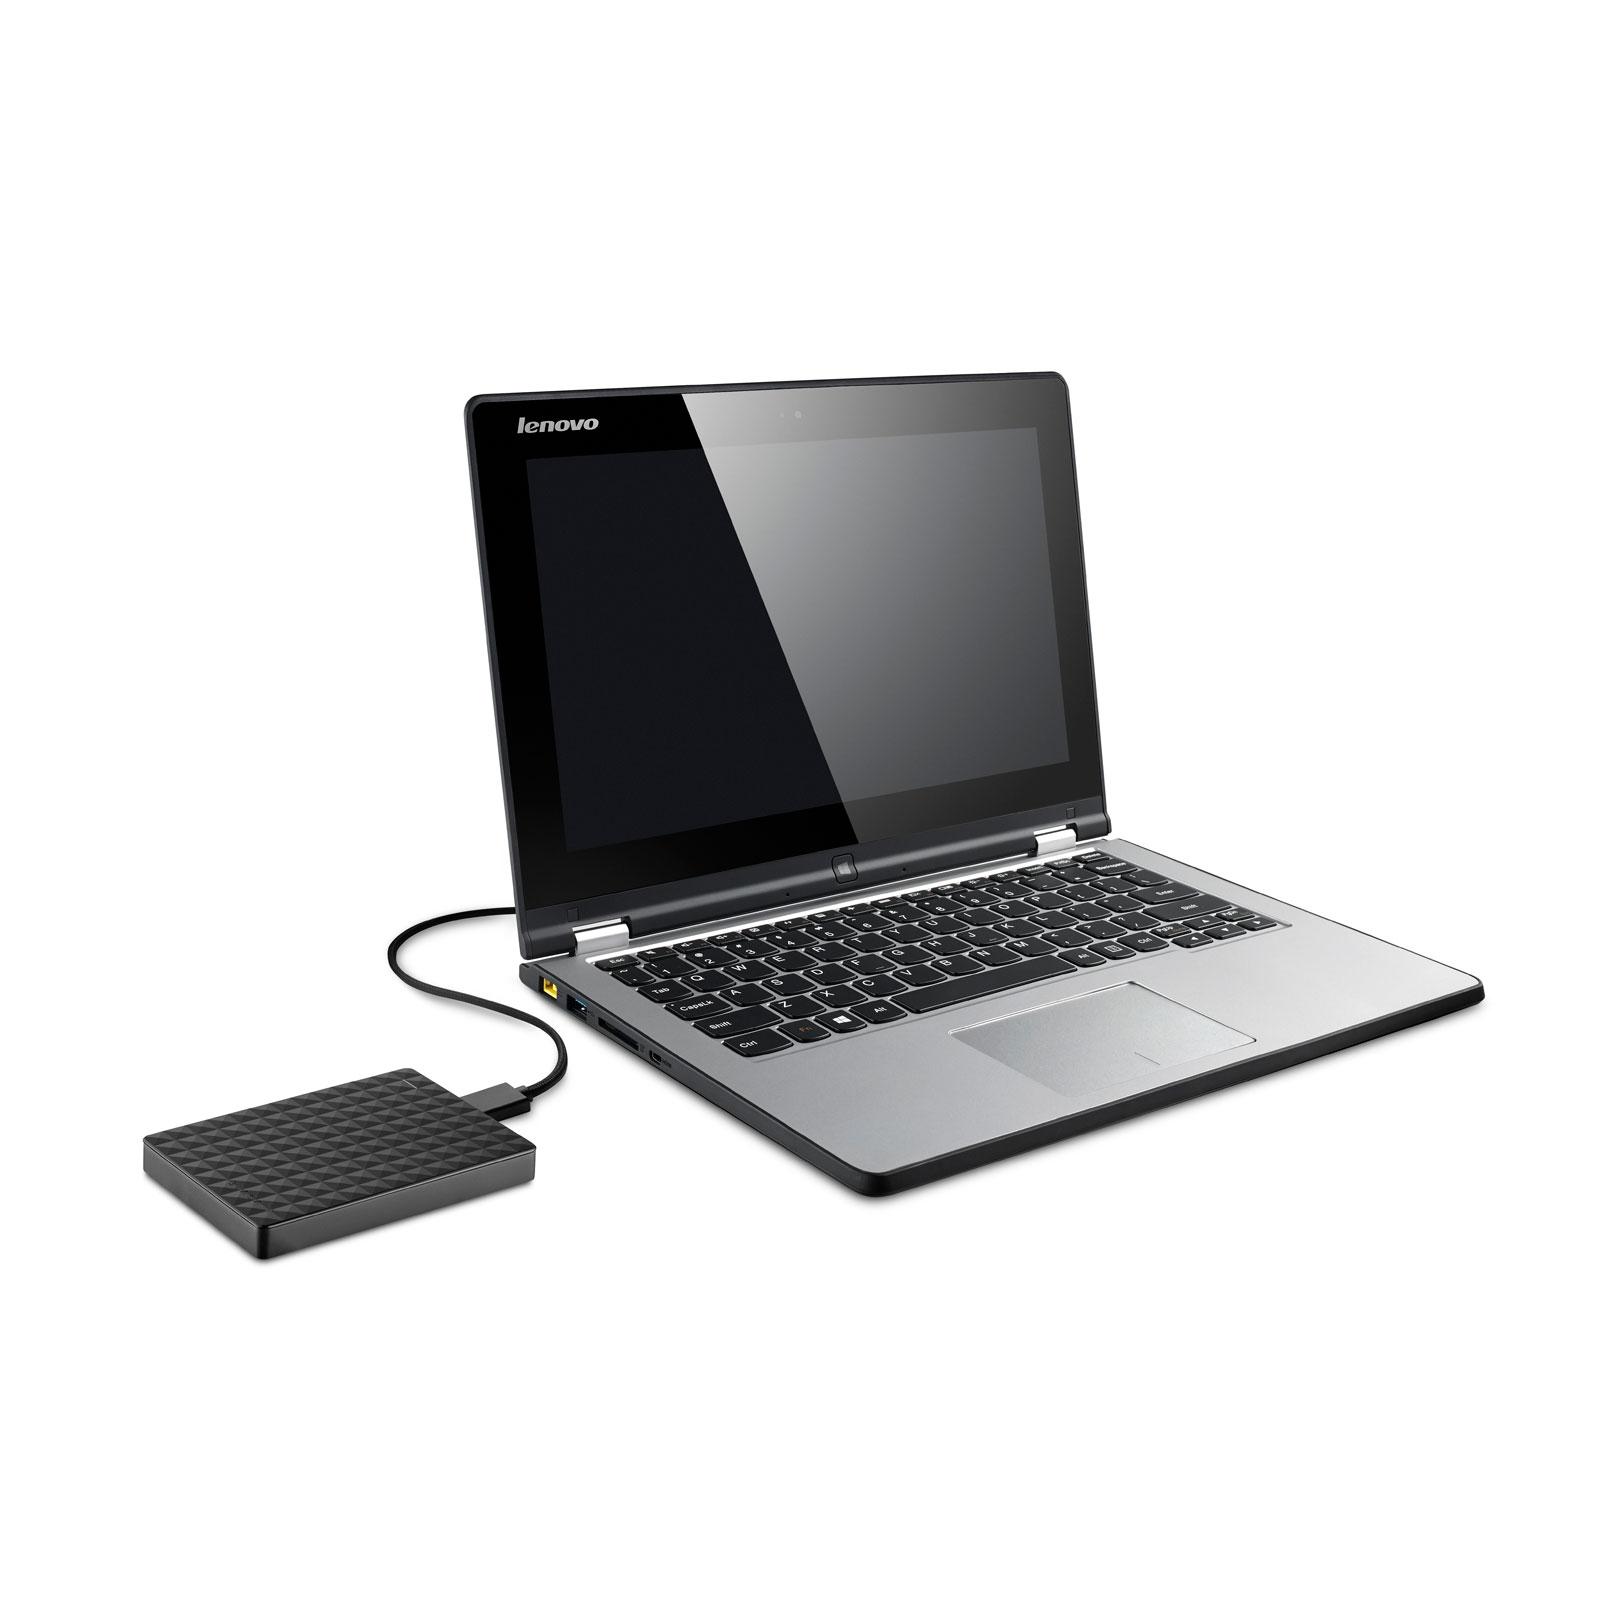 """1To 2""""1/2 USB3.0 Expansion - STEA1000400 (STEA1000400) - Achat / Vente Disque dur externe sur Picata.fr - 1"""